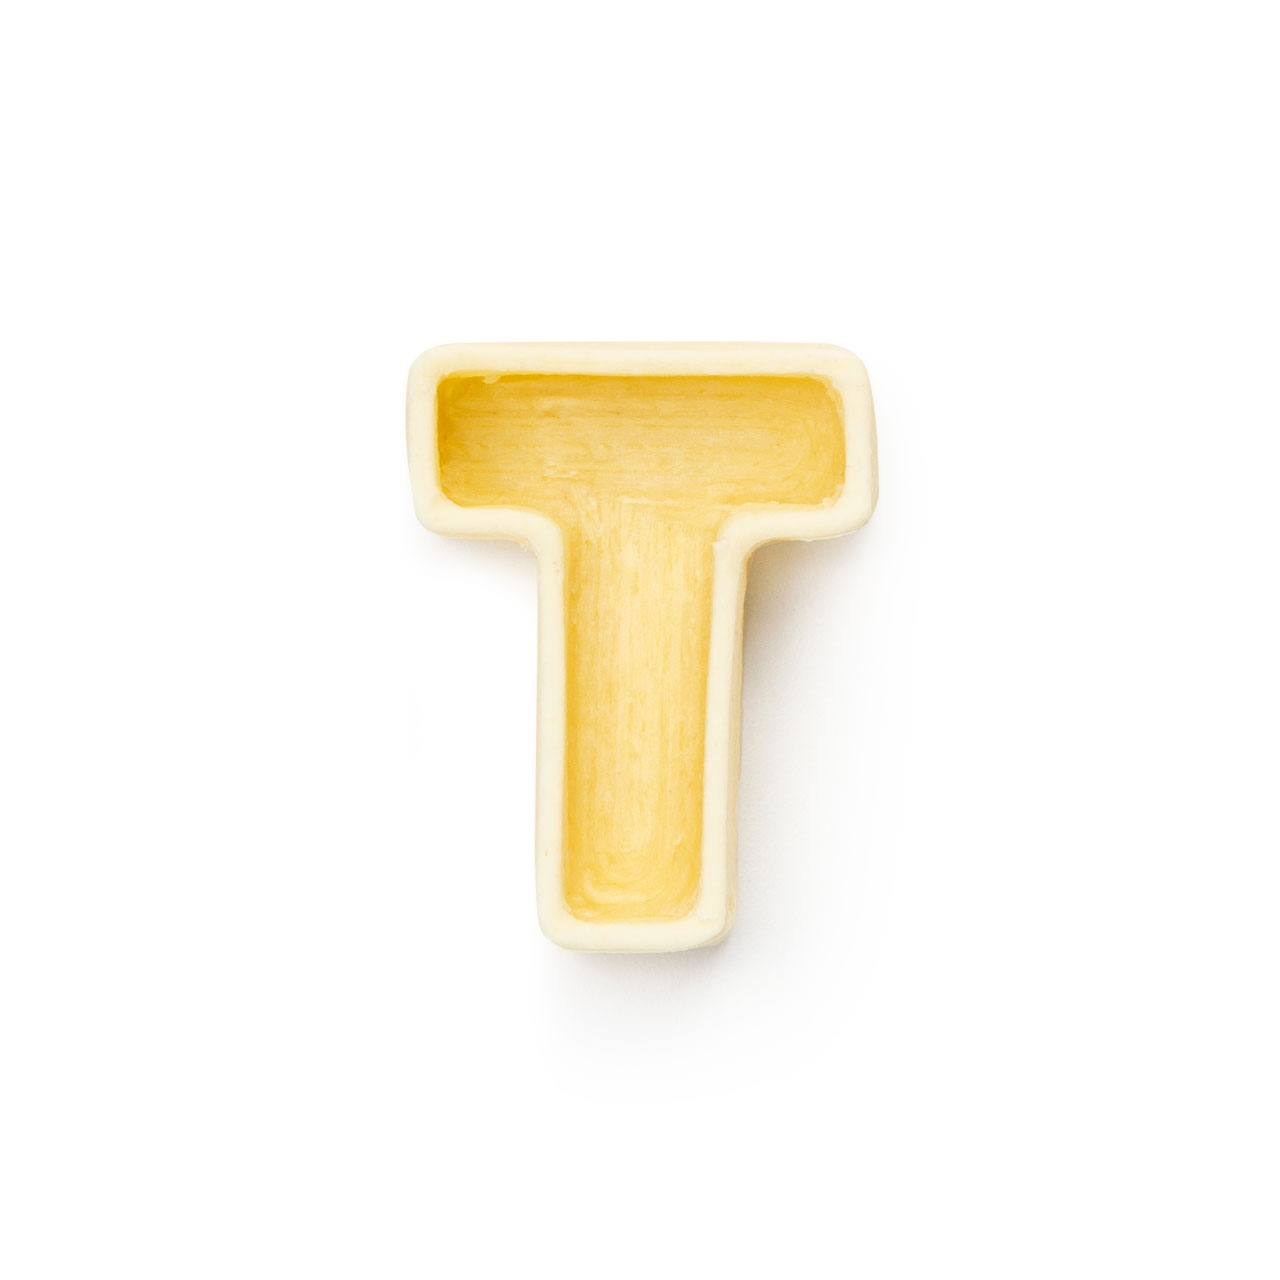 La lettera T di pasta